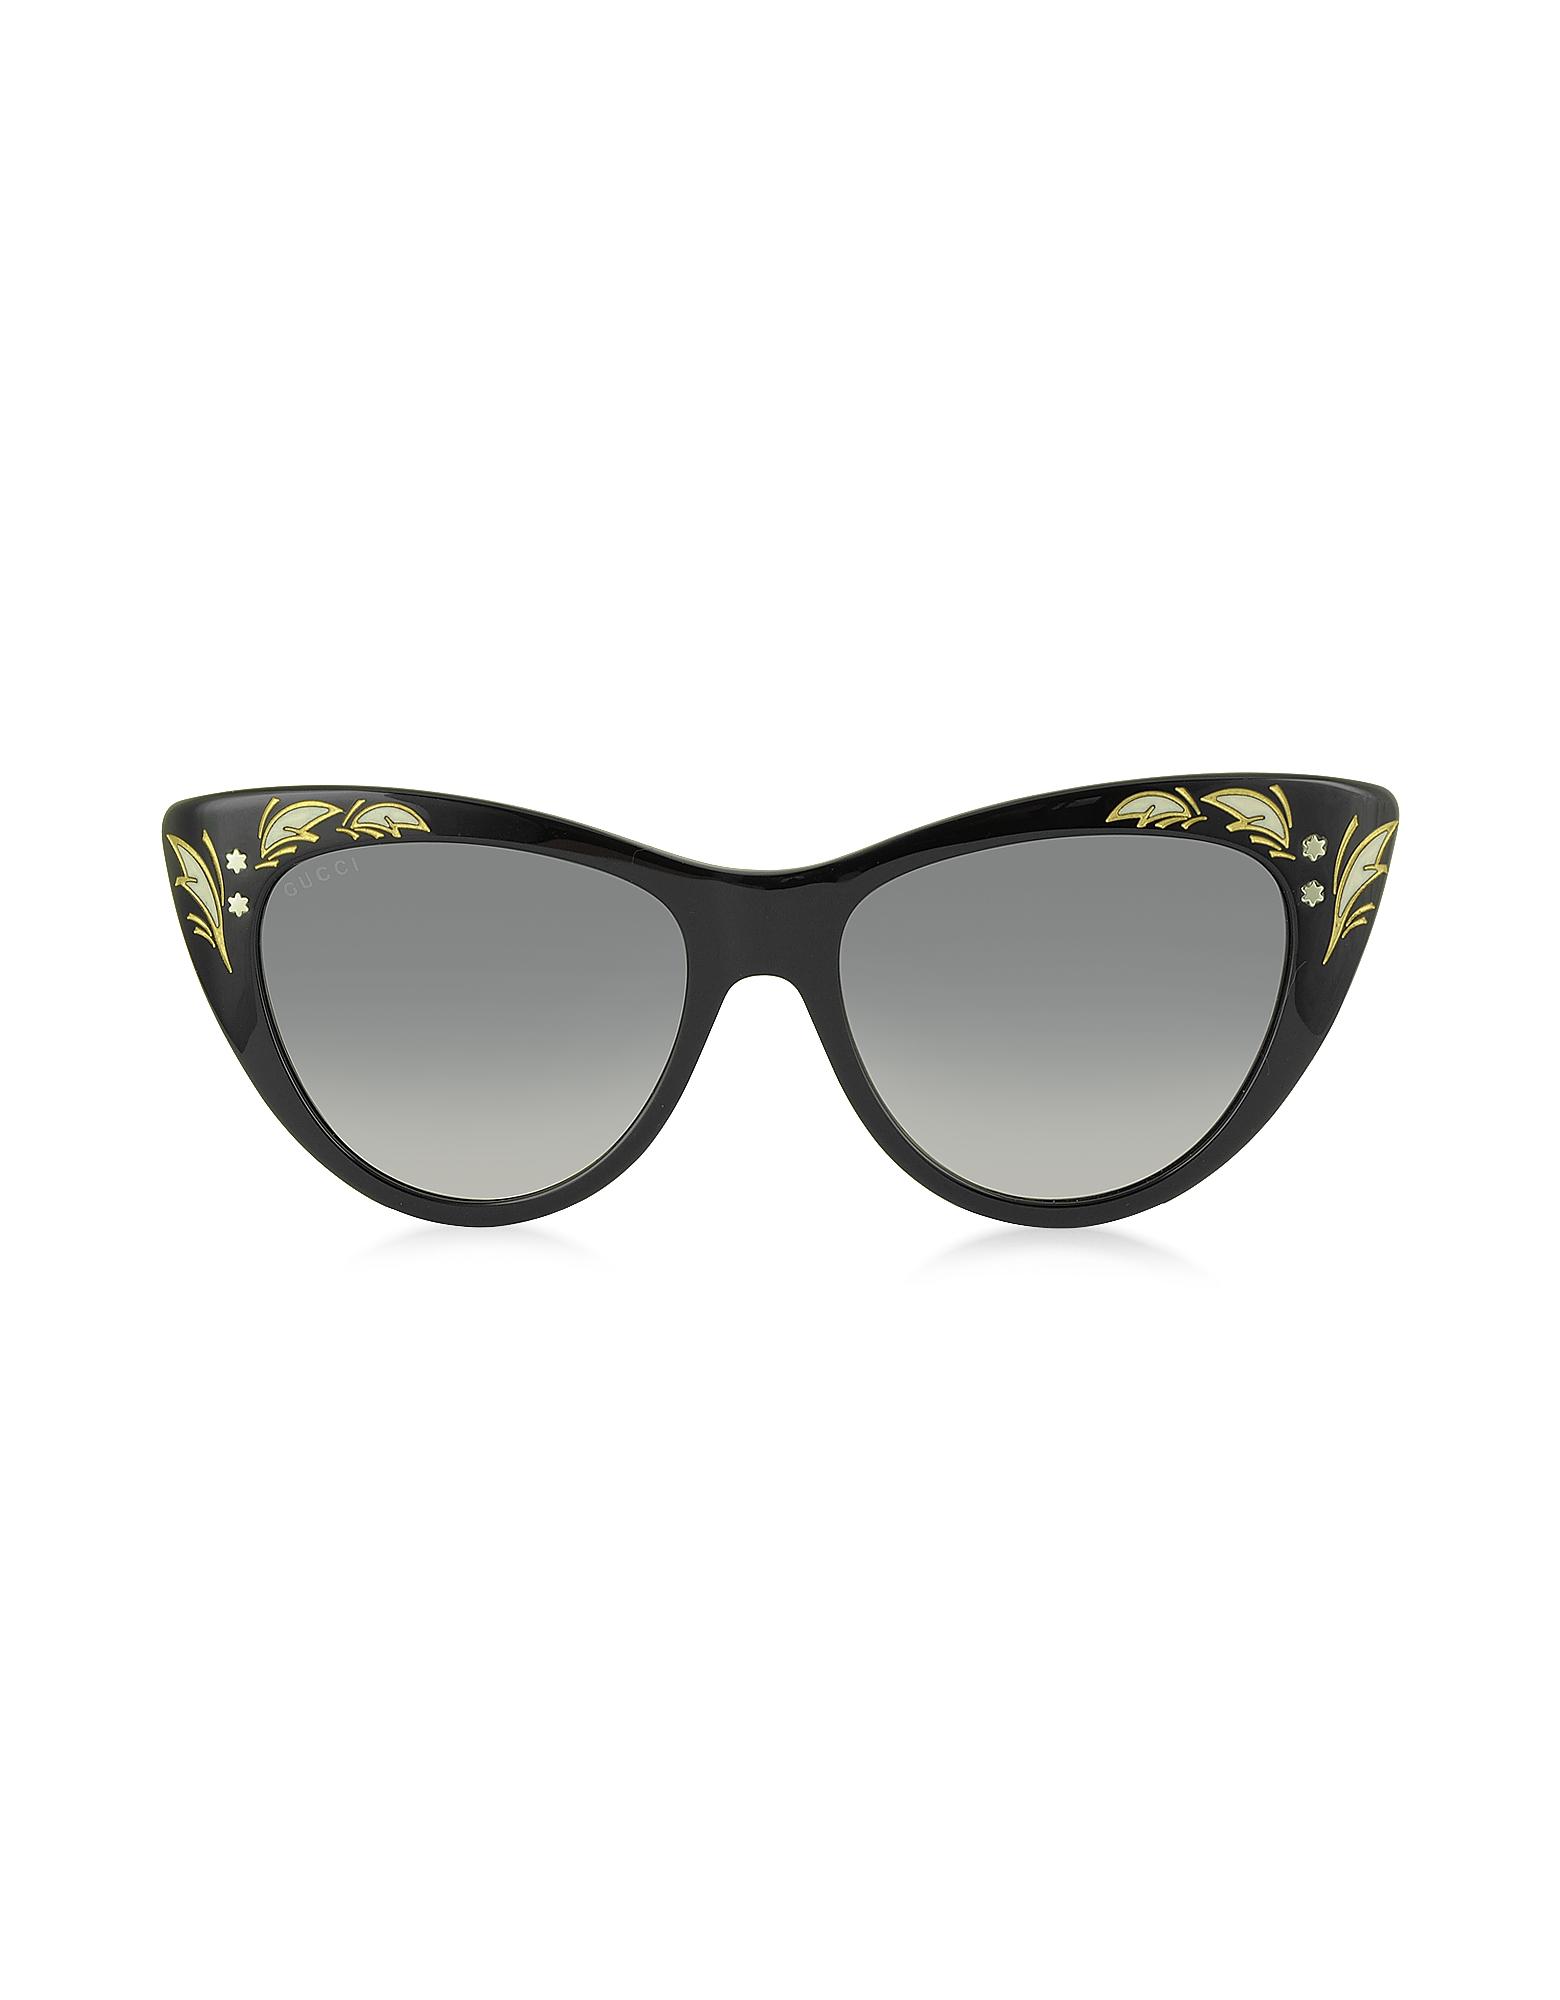 GG 3806/S 807DX - Большие Черные Женские Солнечные Очки в Оправе Кошачий Глаз из Ацетата